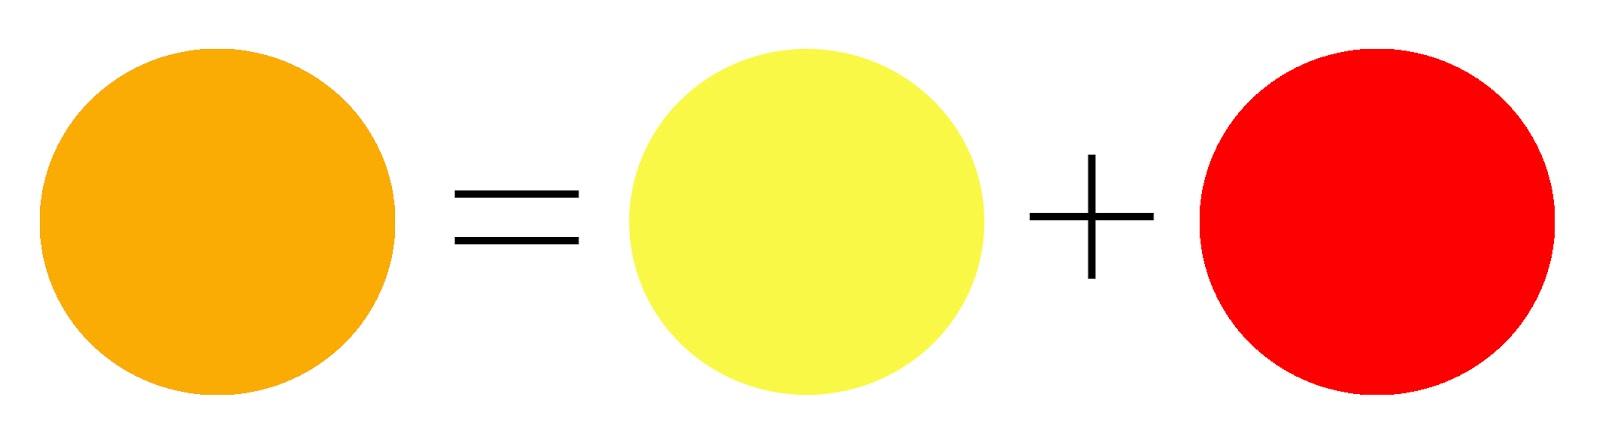 Manualidades mezcla de colores - Amarillo naranja ...